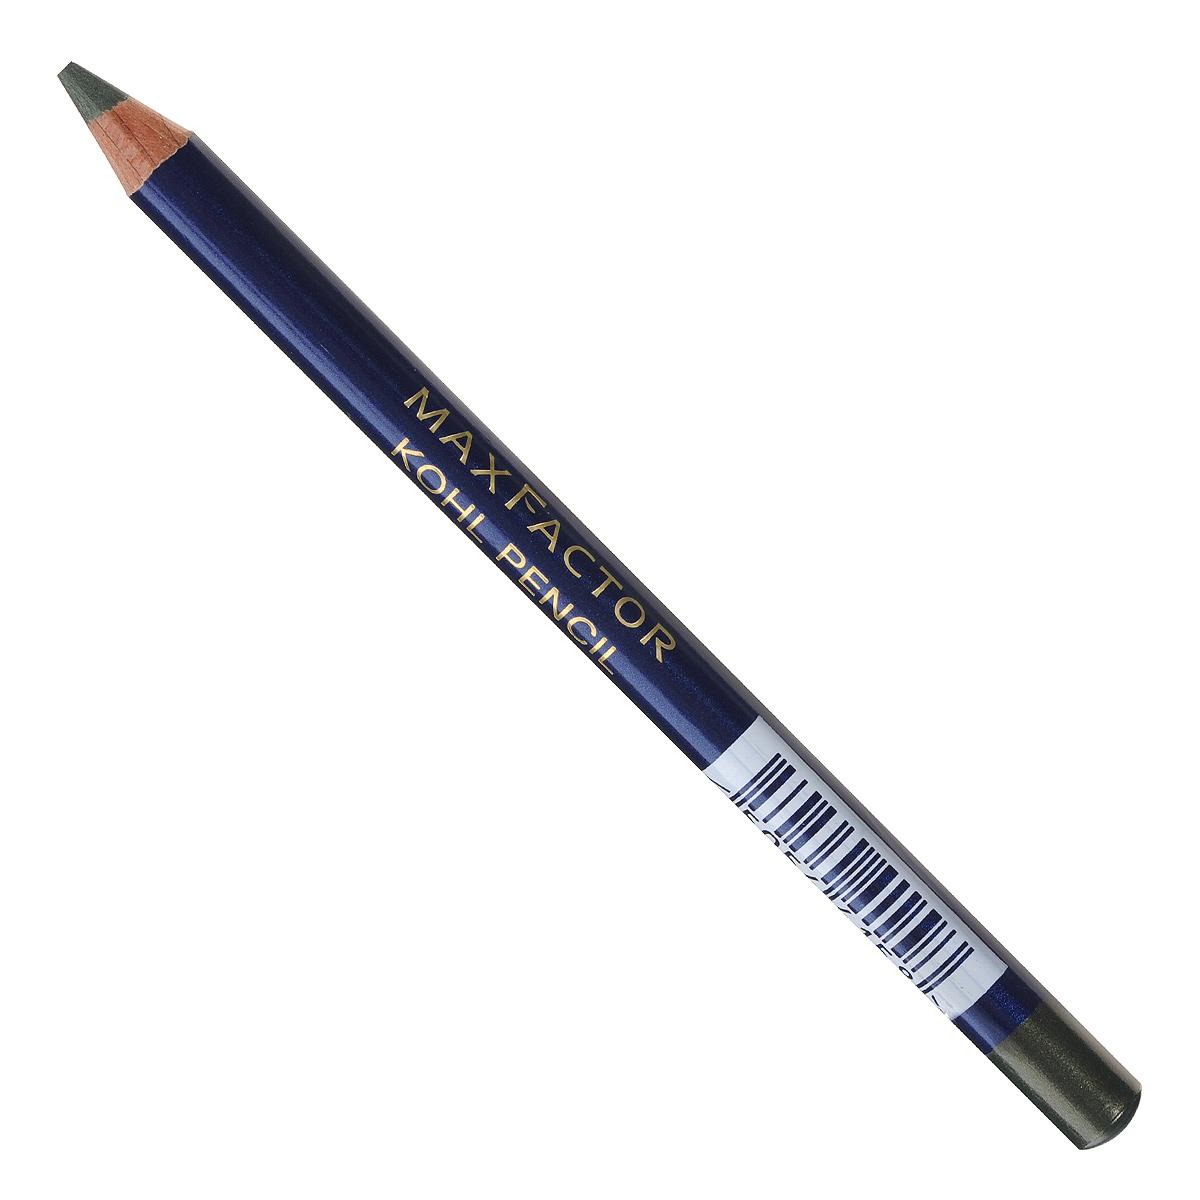 Max Factor Карандаш для глаз Kohl Pencil, тон №070 Olive, цвет: оливковый81480587Карандаш Kohl Pencil - твое секретное оружие для супер-сексуального взгляда. - Ультра-мягкий карандаш нежно касается века. - Достаточно плотный, чтобы рисовать тонкие линии. - Растушуй линию, чтобы добиться стильного неряшливого эффекта. Идеален для создания сексуального эффекта смоки айз. Протестировано офтальмологами и дерматологами. Подходит для чувствительных глаз и тех, кто носит контактные линзы. 1. Смотри вниз и осторожно растяни глаз указательным пальцем. 2. Проведи аккуратную мягкую линию вдоль роста ресниц. 3. Карандаша Kohl pencil в сочетании с тушью будет достаточно, чтобы выделить глаза. 4. Наноси карандаш над тенями для более мягкого образа или под тенями, чтобы углубить их цвет. 5. Растушуй линию с помощью ватной палочки для эффекта смоки айз.